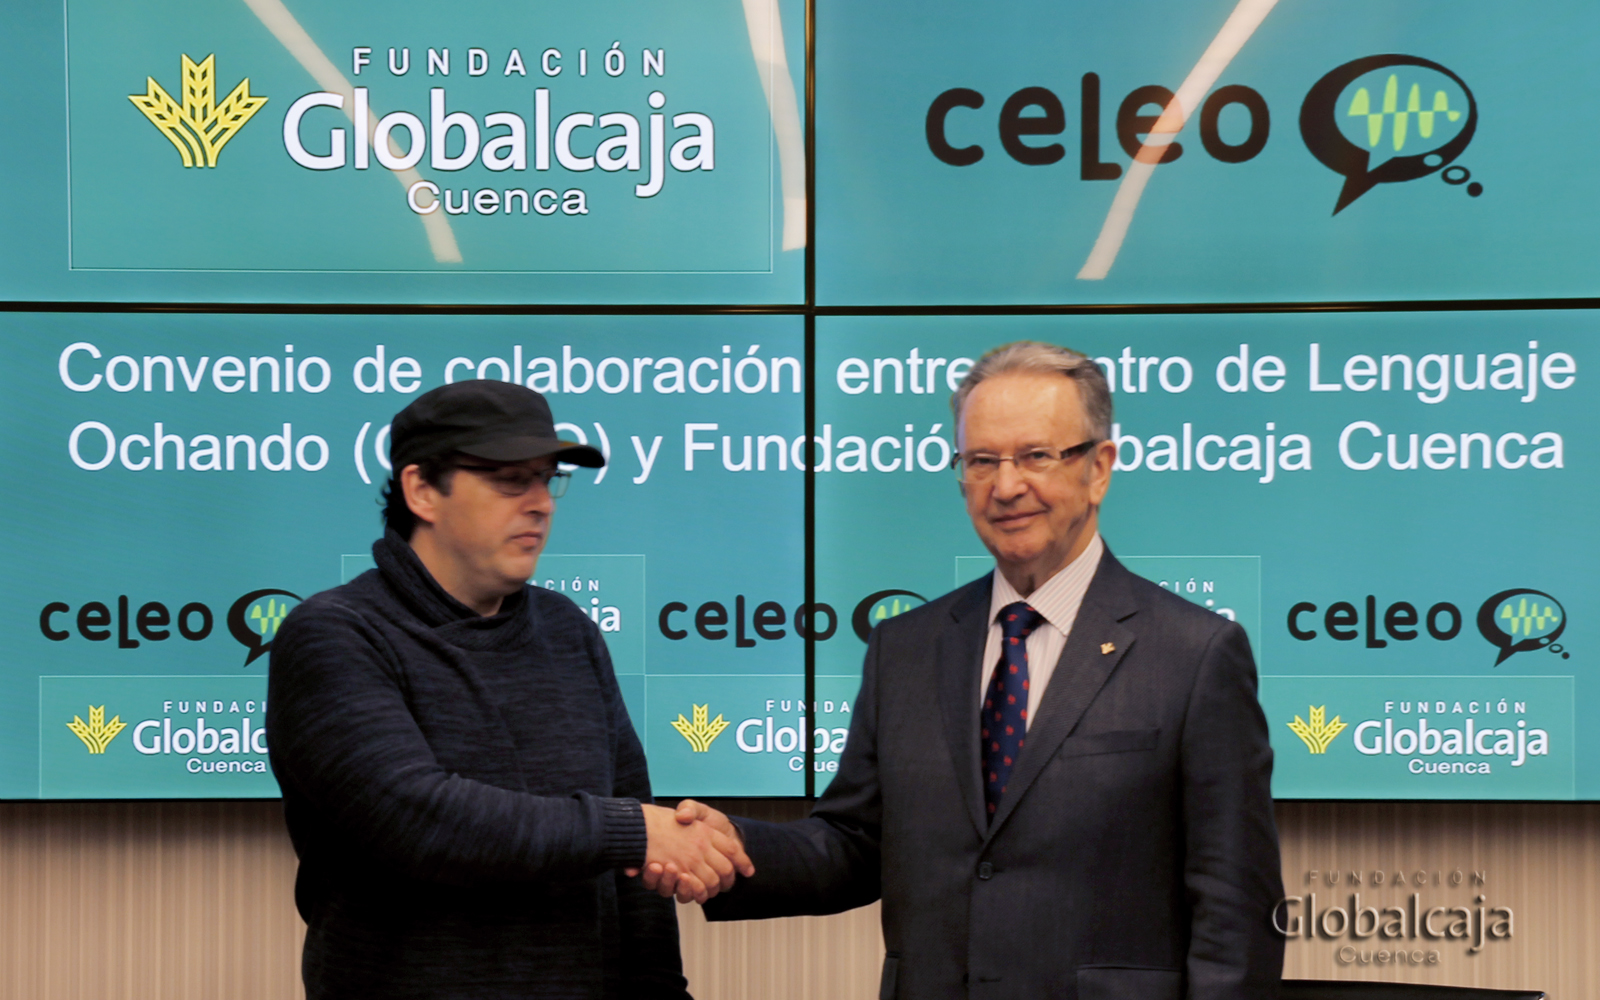 https://blog.globalcaja.es/wp-content/uploads/2017/11/CELEO-cuenta-con-el-apoyo-de-la-Fundación-Globalcaja-Cuenca.jpg